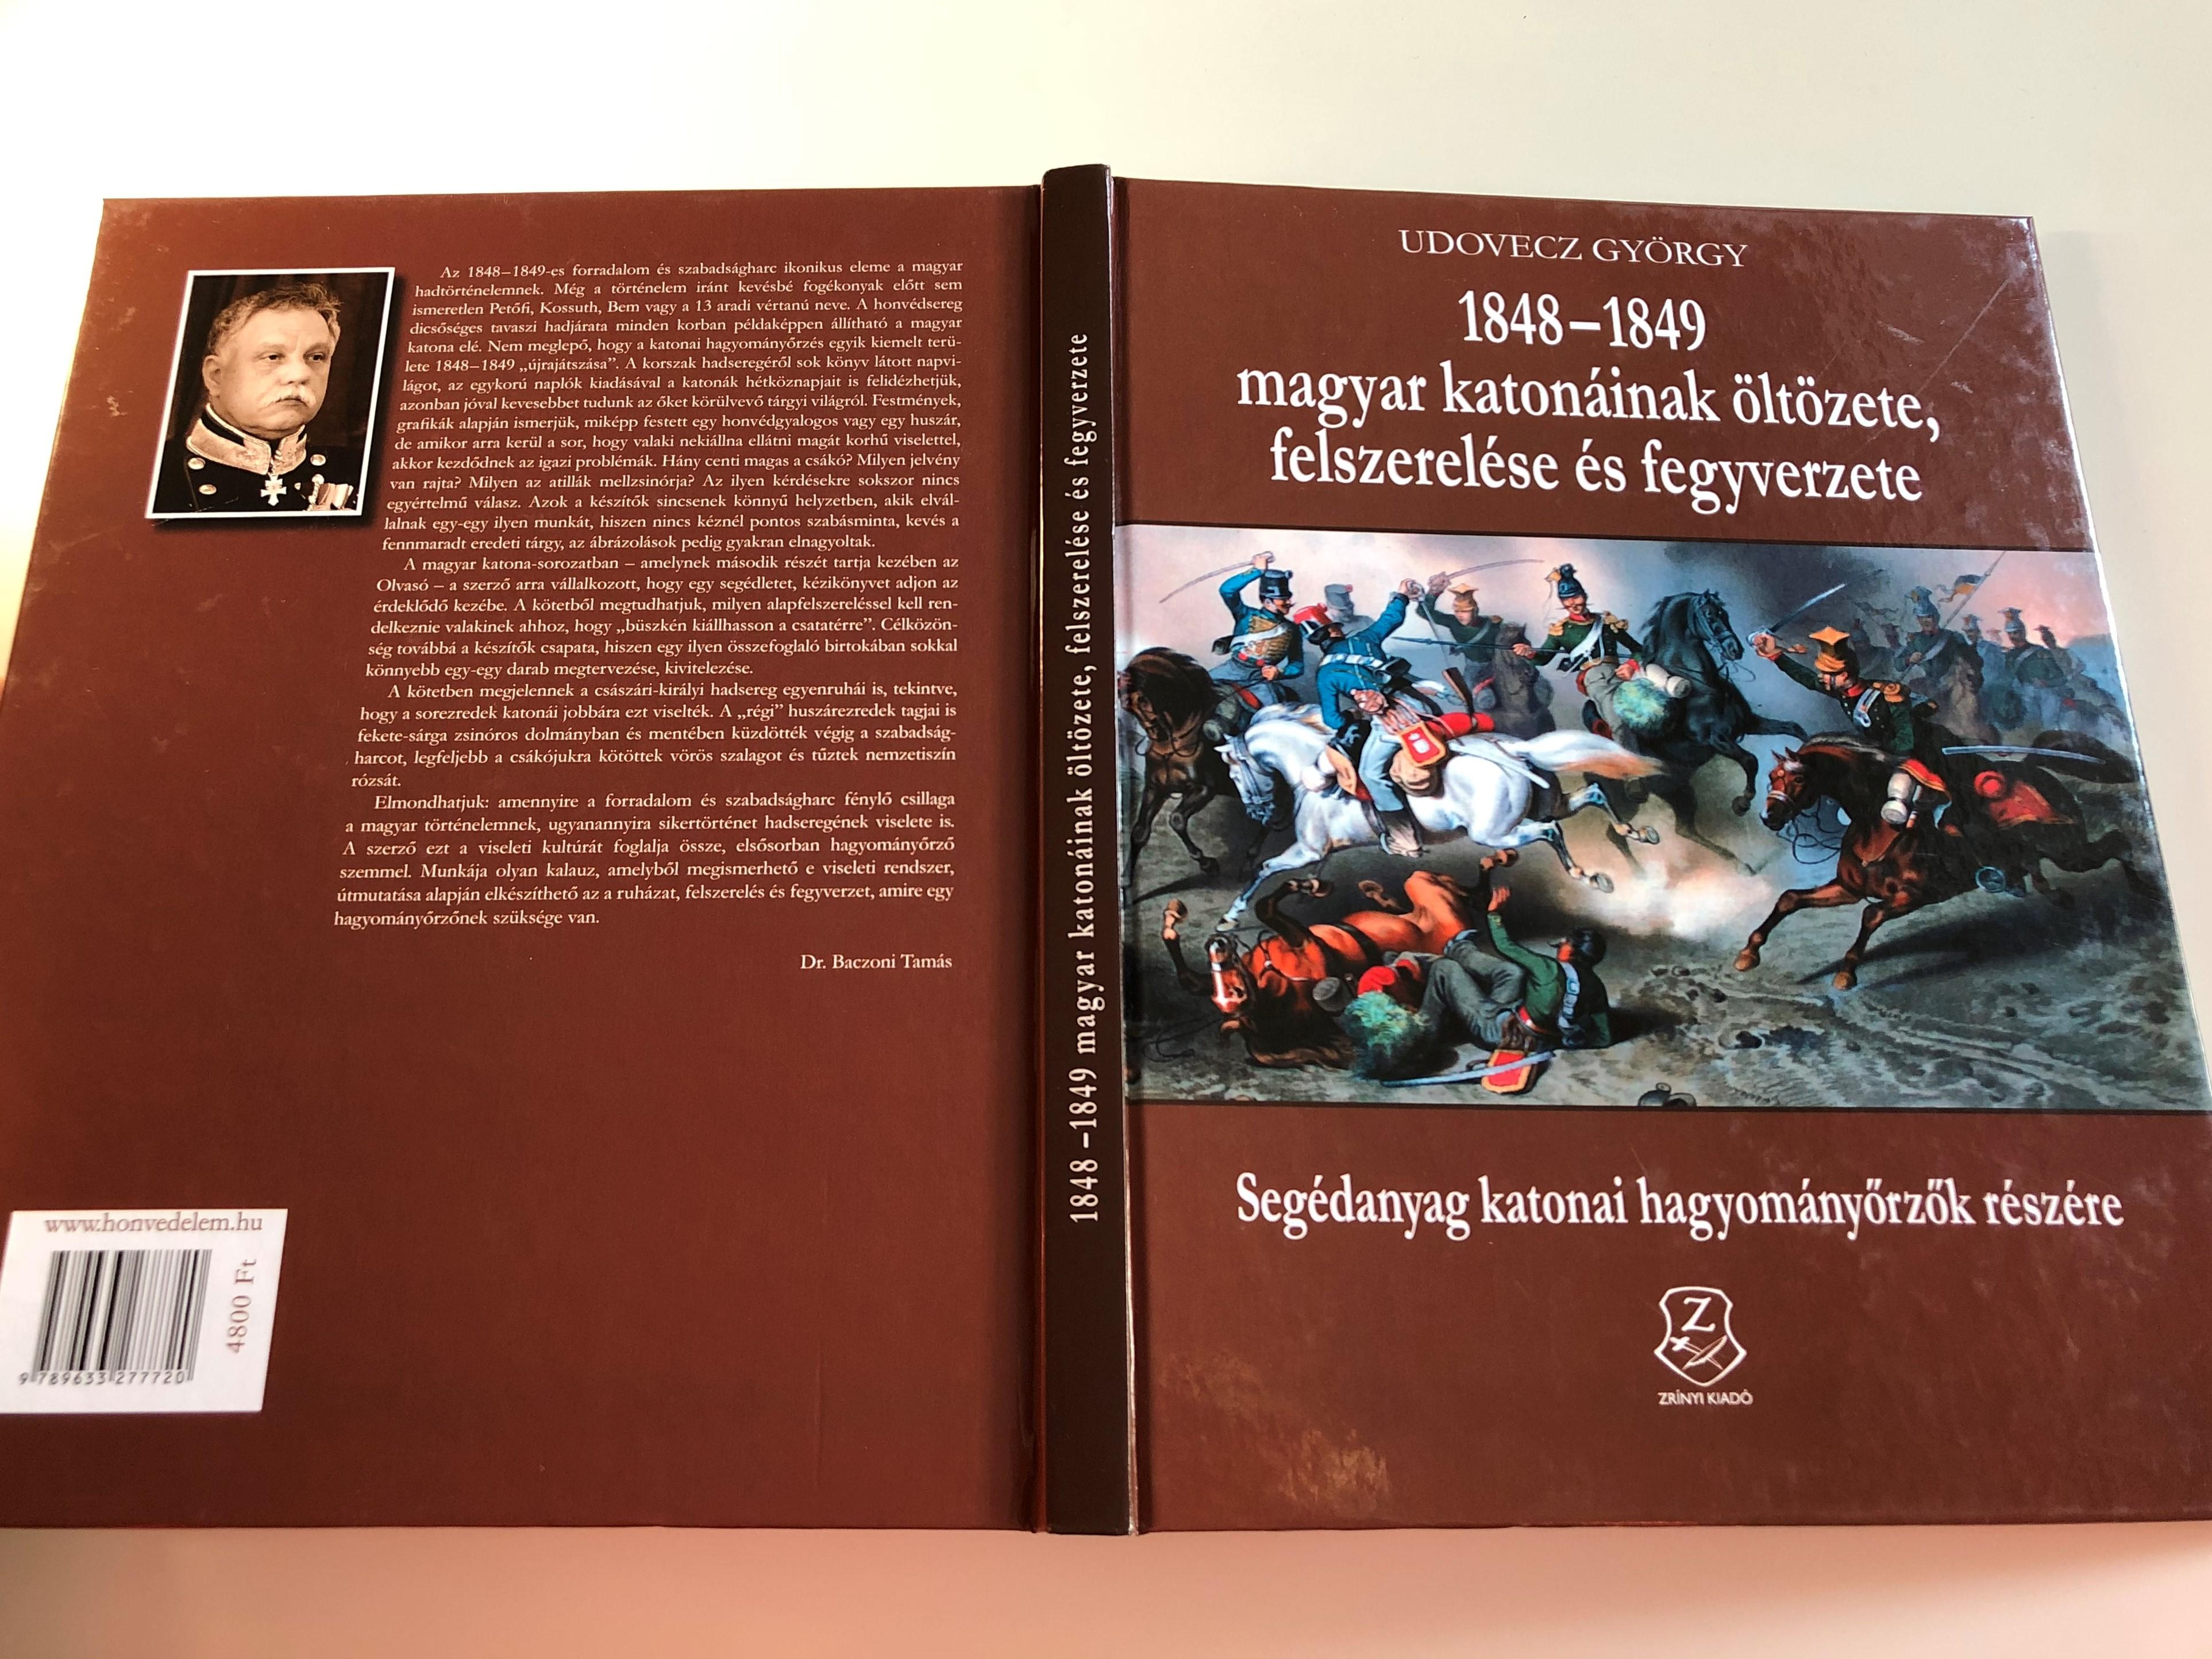 1848-1849-magyar-katon-inak-lt-zete-felszerel-se-s-fegyverzete-by-udovecz-gy-rgy-16.jpg